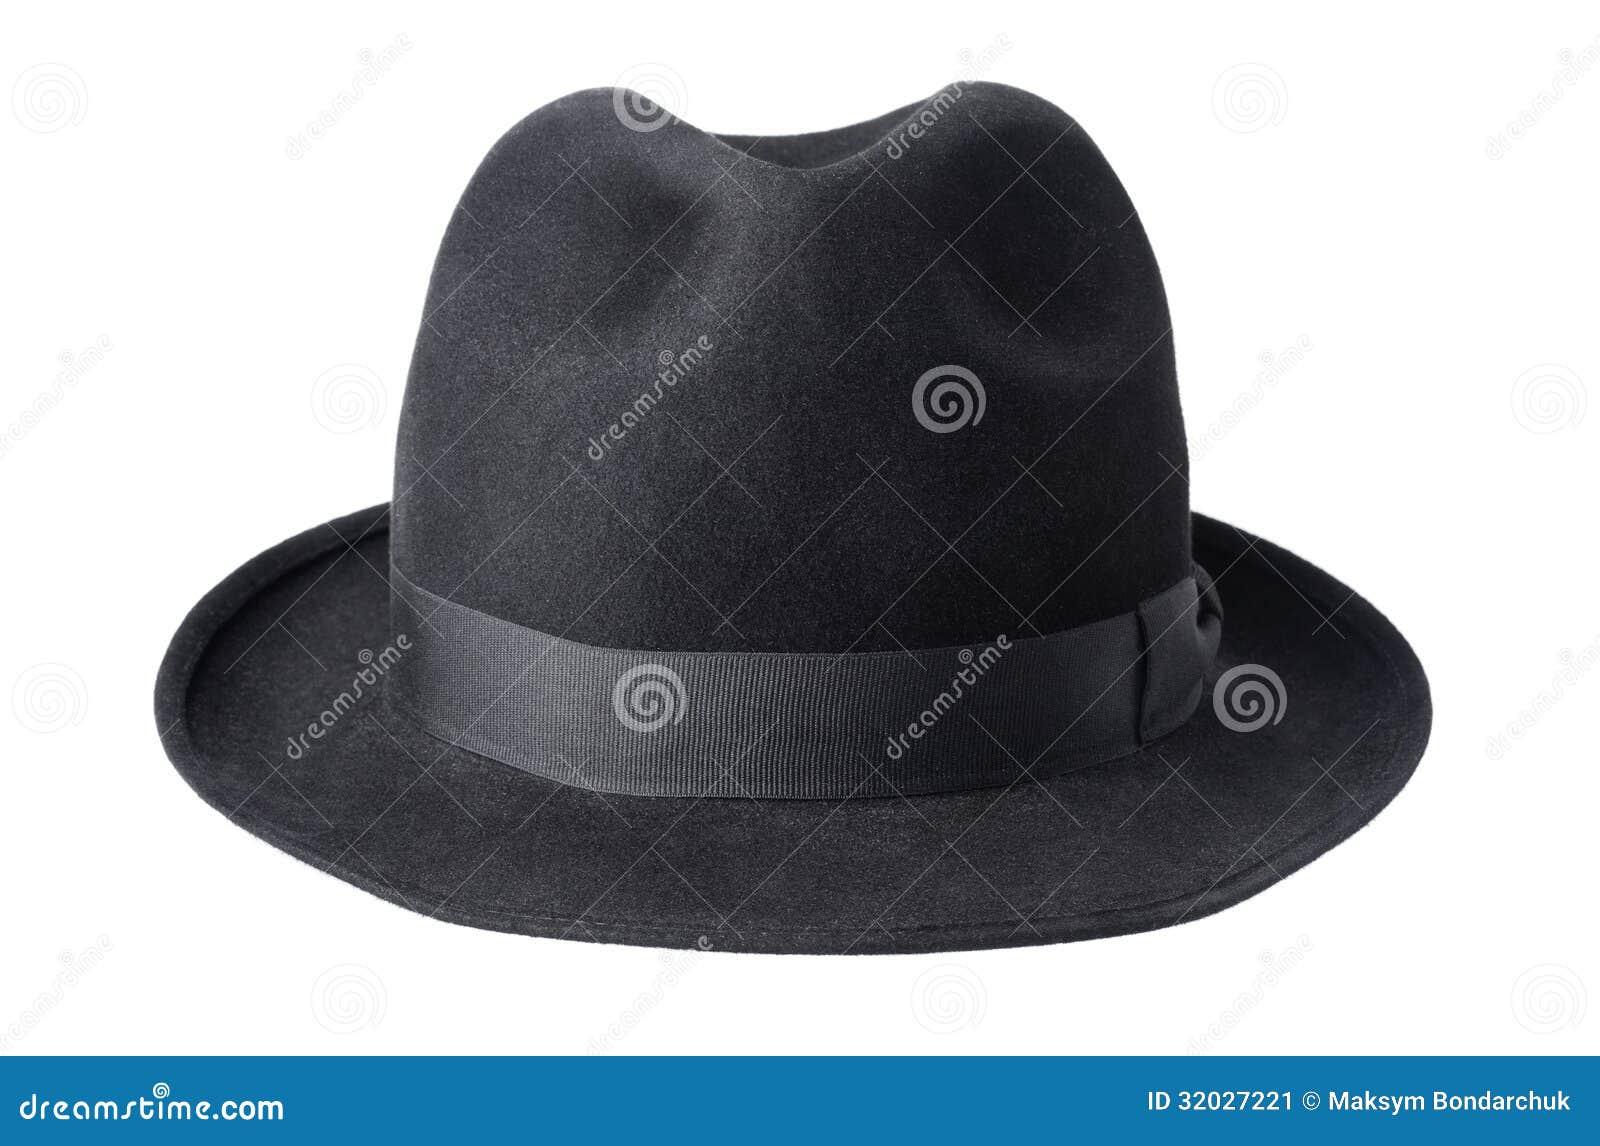 afe4929c2e813 Black Male Felt Hat Isolated On White Stock Image - Image of nobody ...